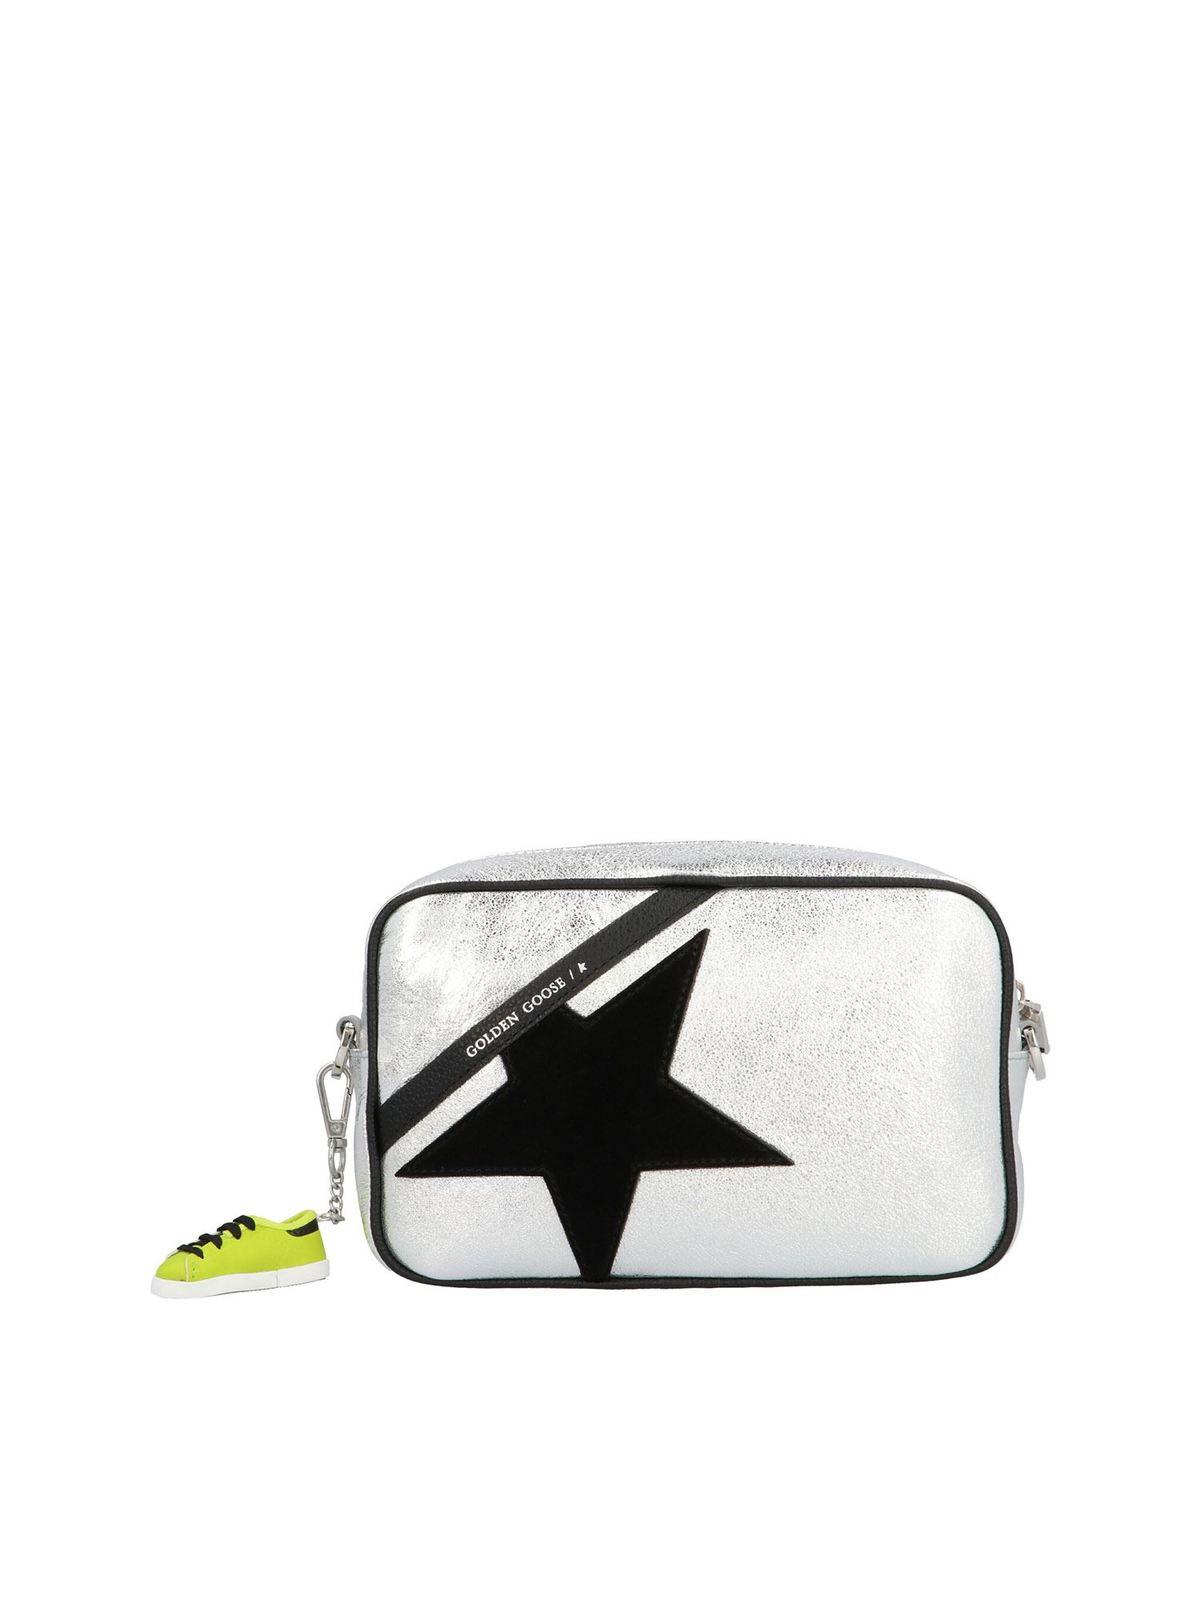 Golden Goose STAR BAG SHOULDER BAG IN SILVER COLOR